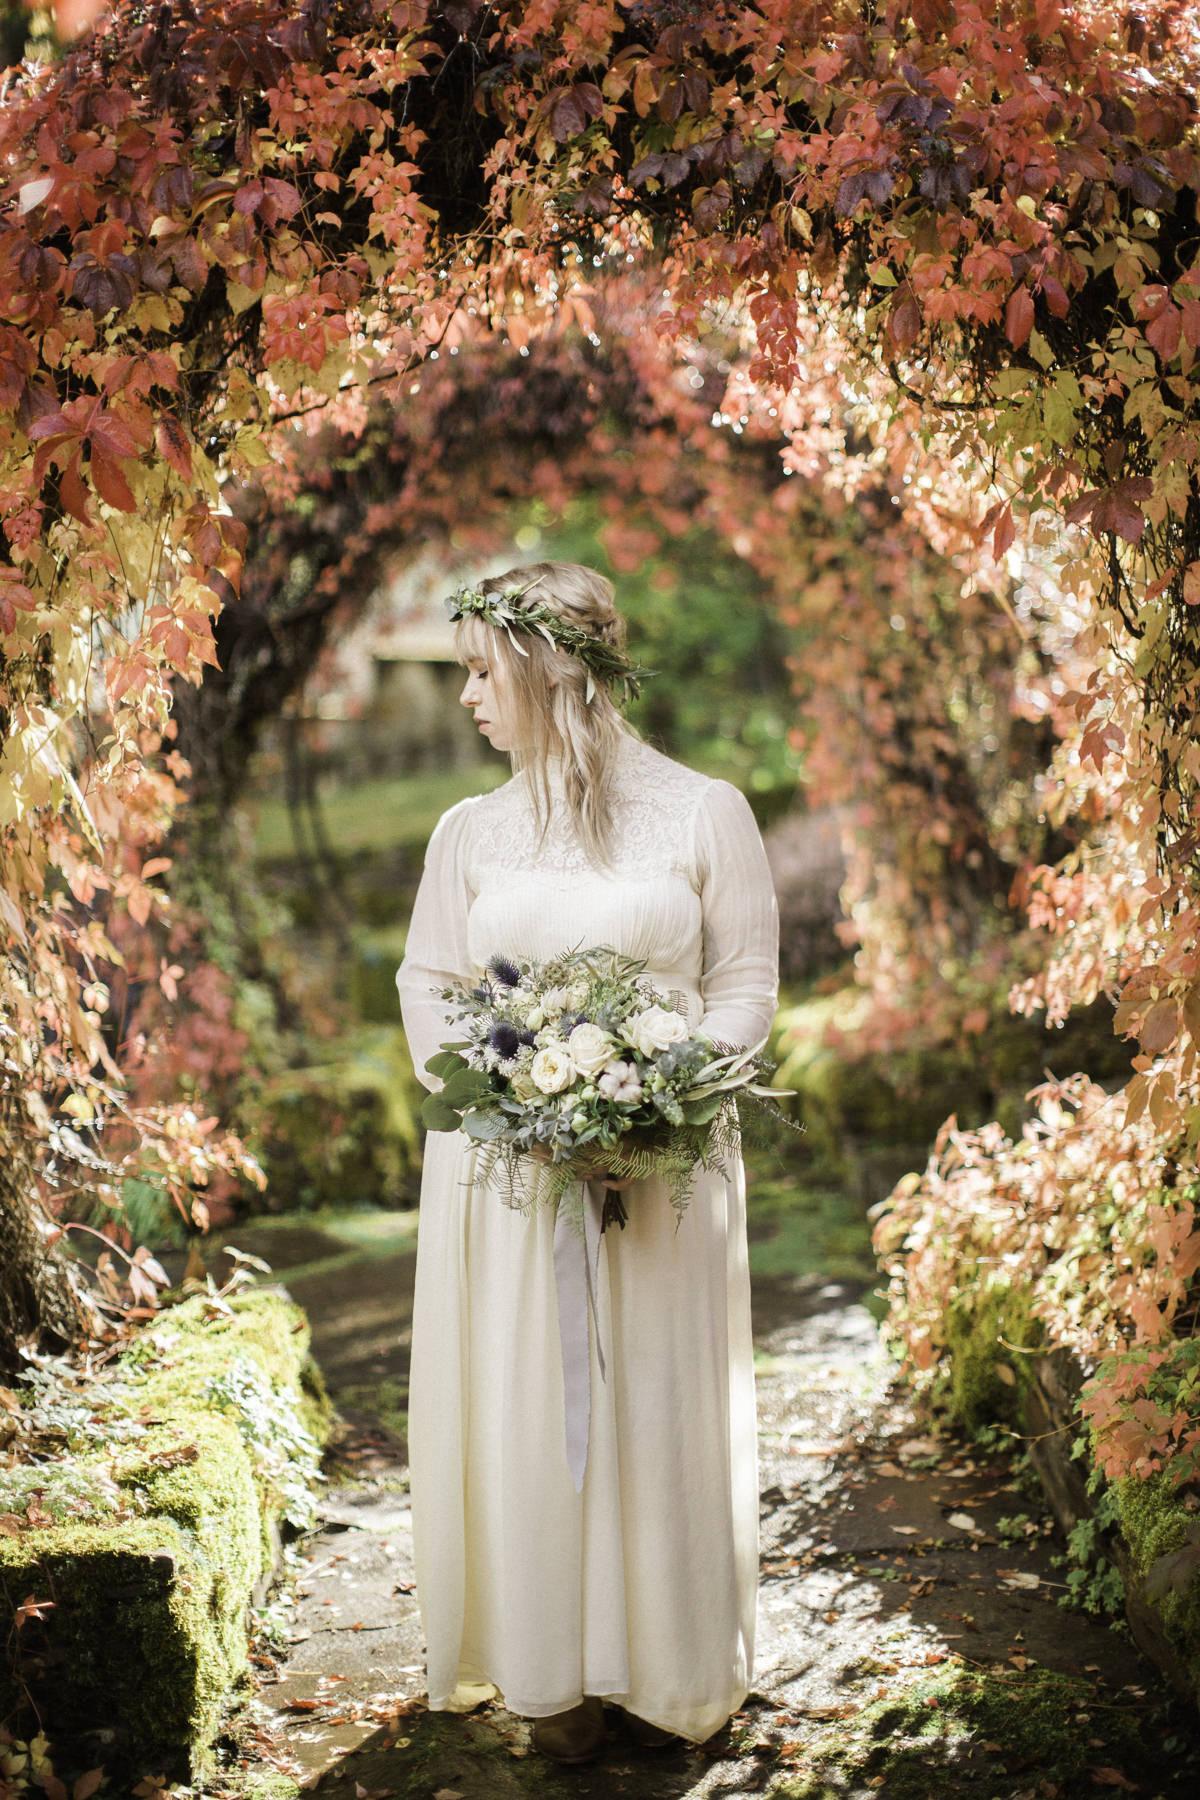 Matt-and-Chelsey-Nelson-wedding-19.jpg